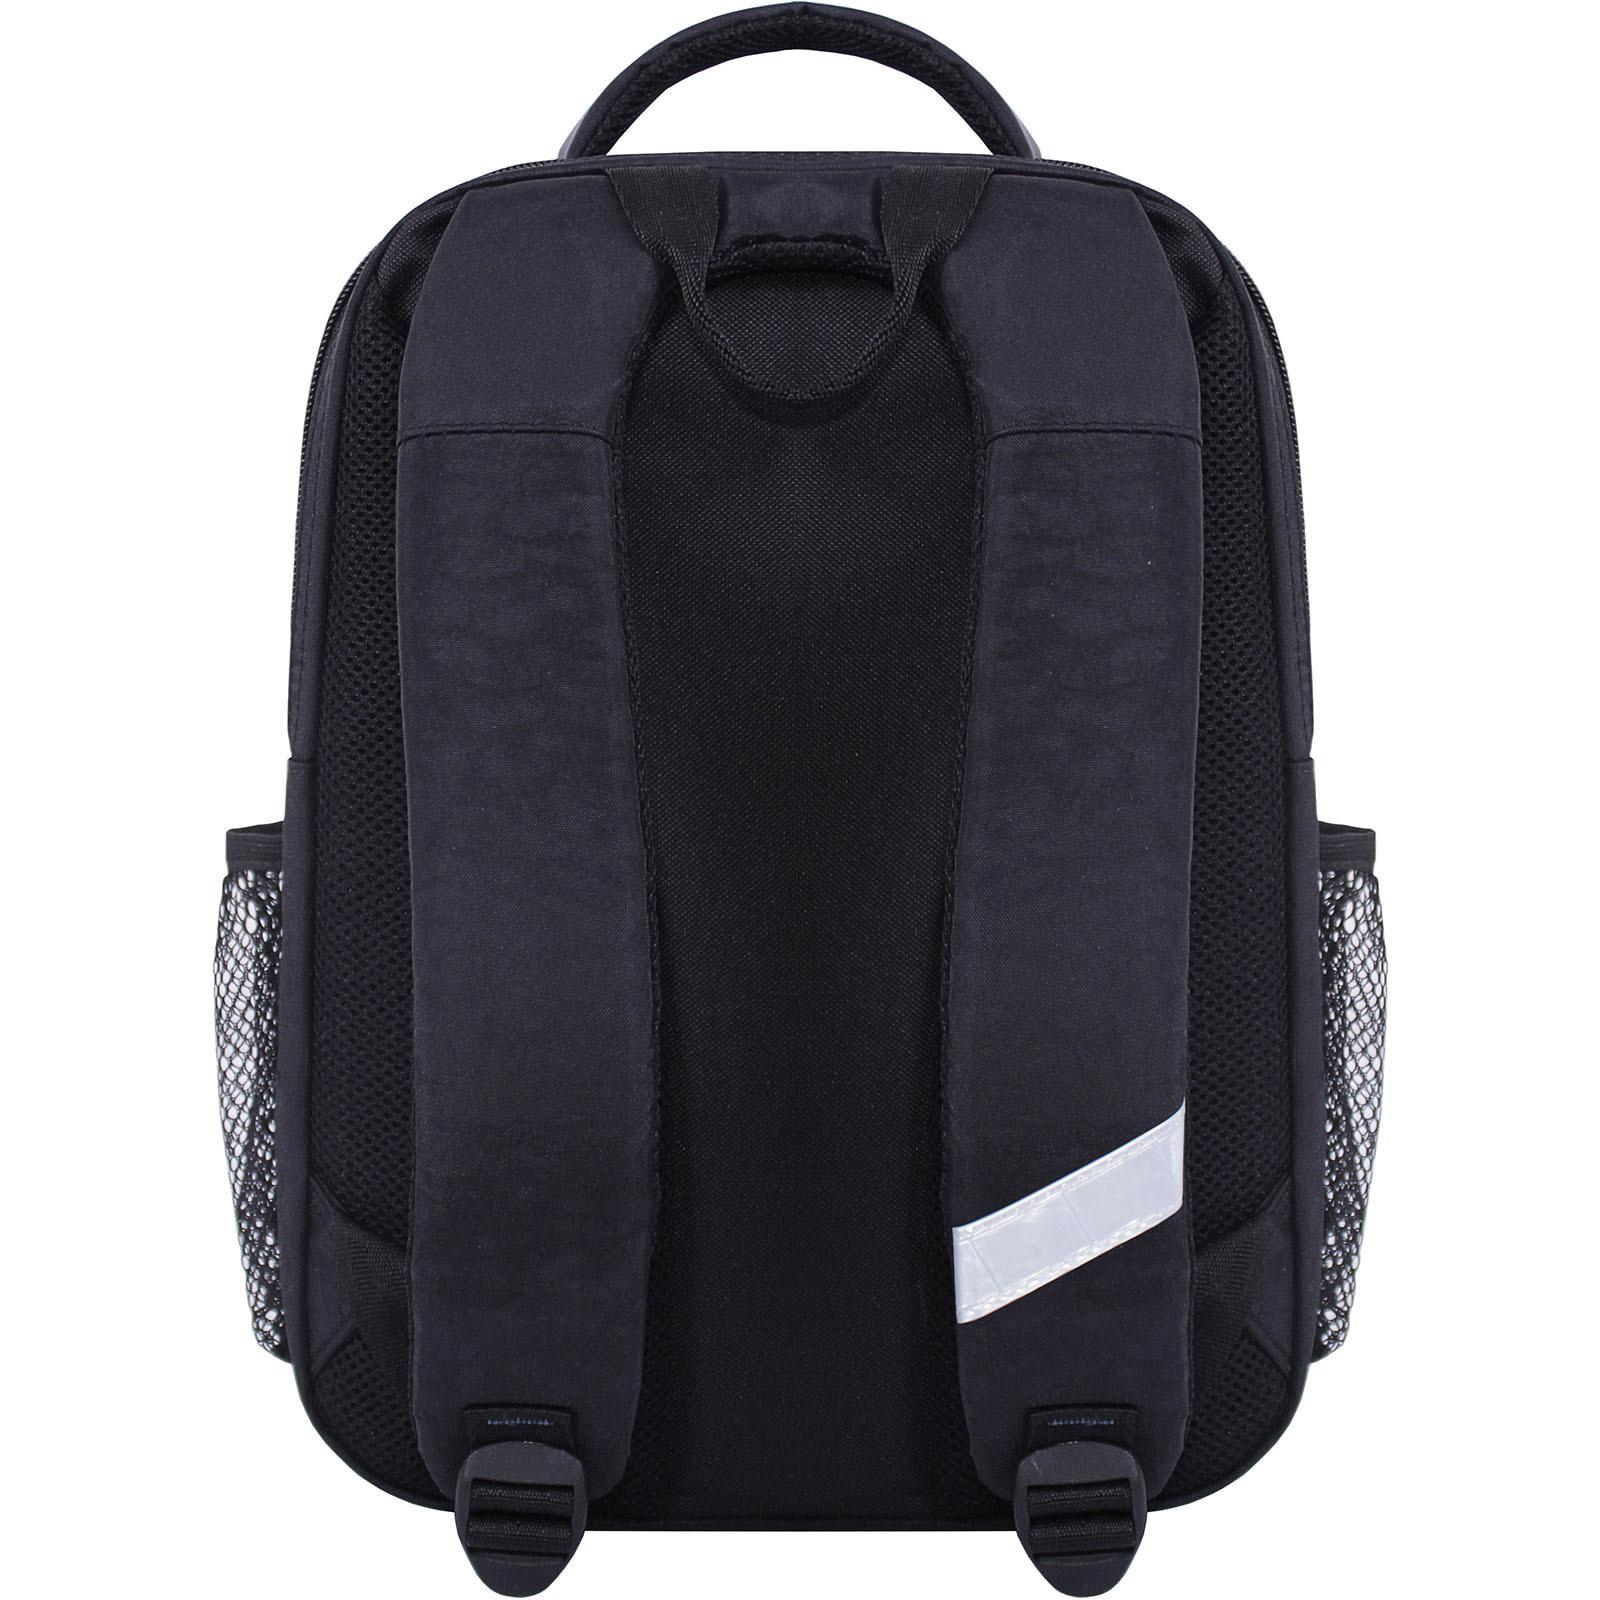 Рюкзак школьный Bagland Школьник 8 л. черный 500 (0012870) фото 3